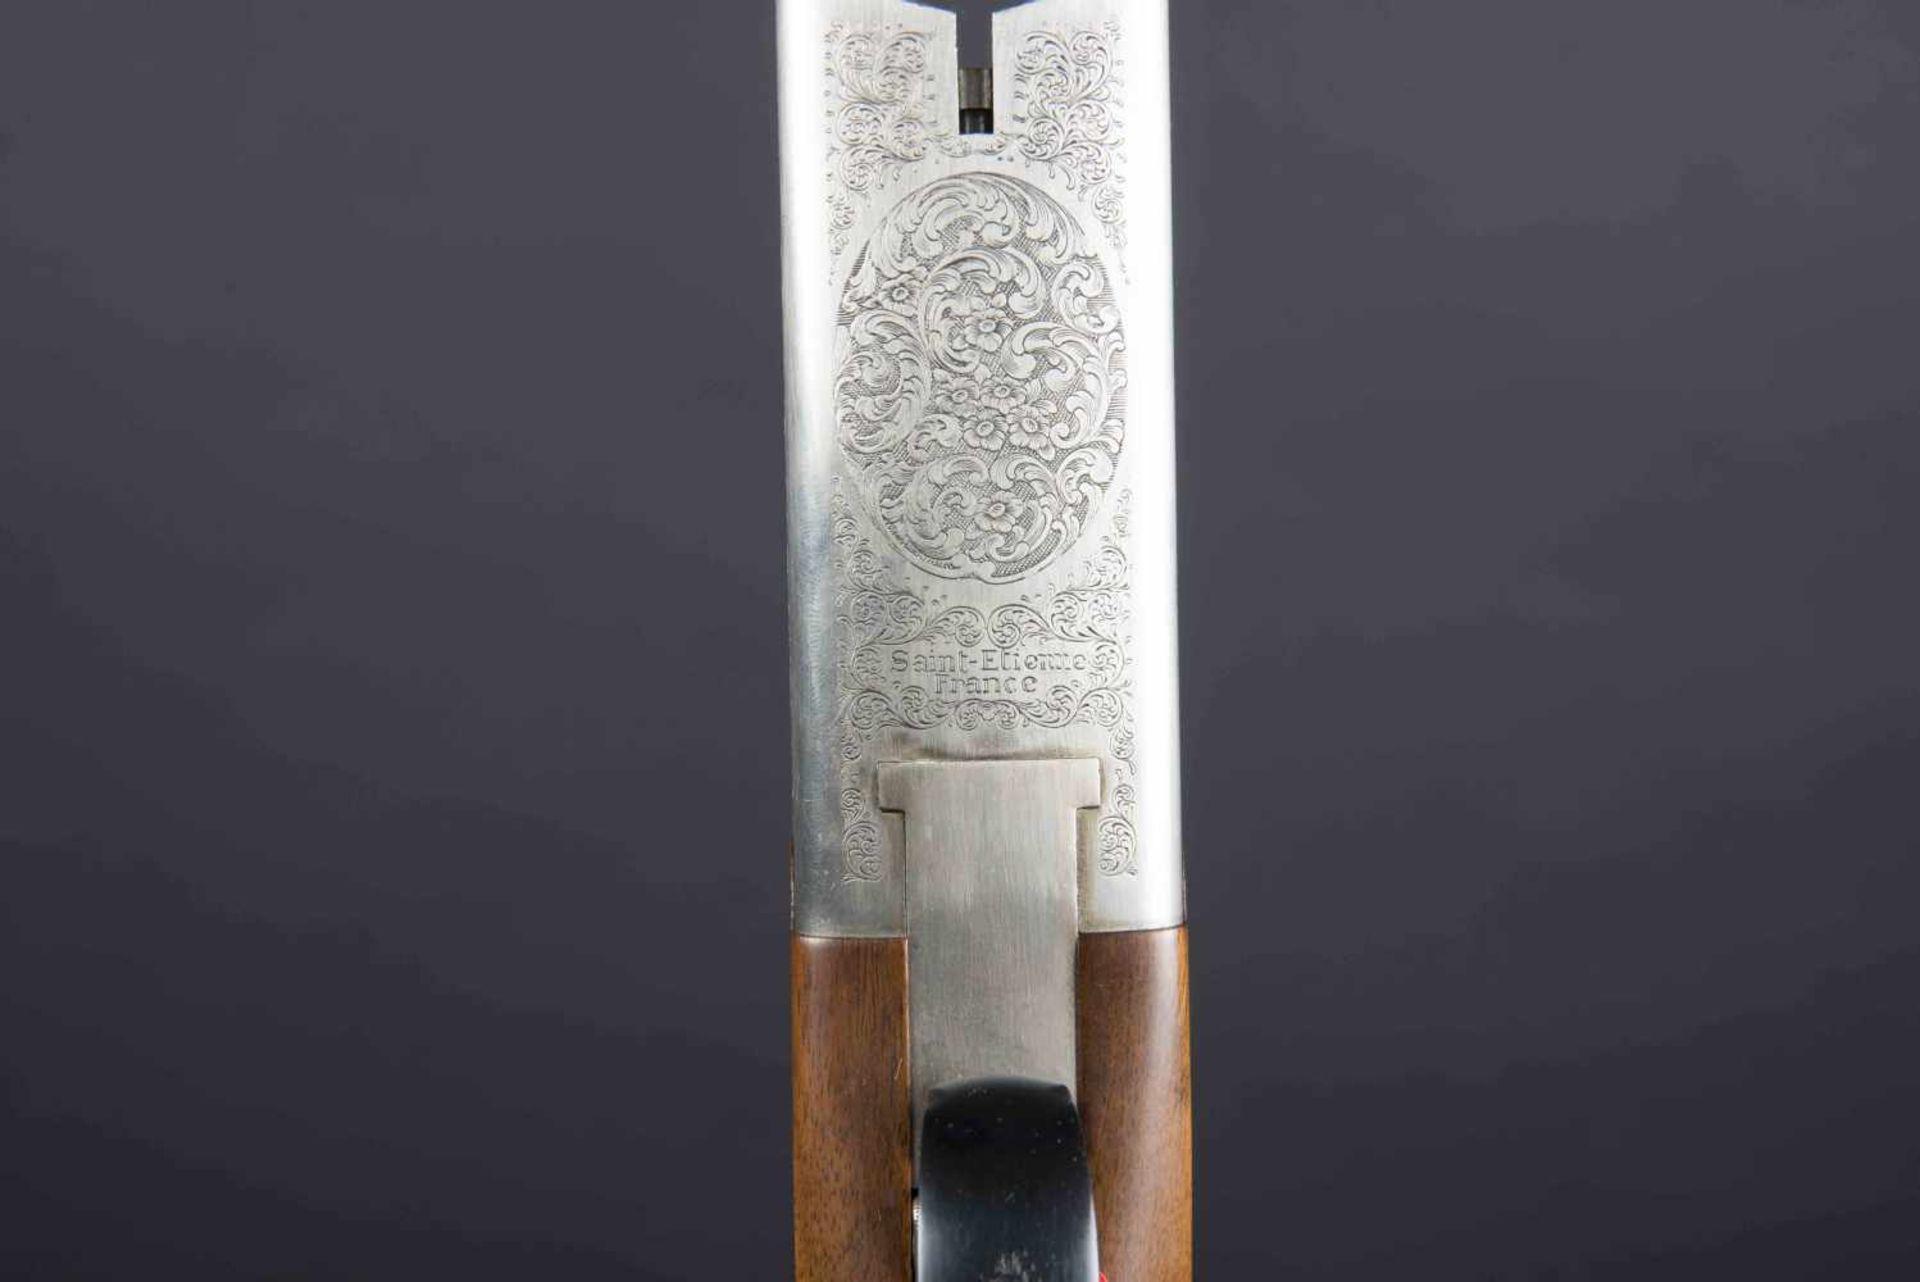 Fusil superposé Verney Carron Catégorie C Calibre 12/70, numéro 504891. Certificat du Banc d'Epreuve - Bild 4 aus 4